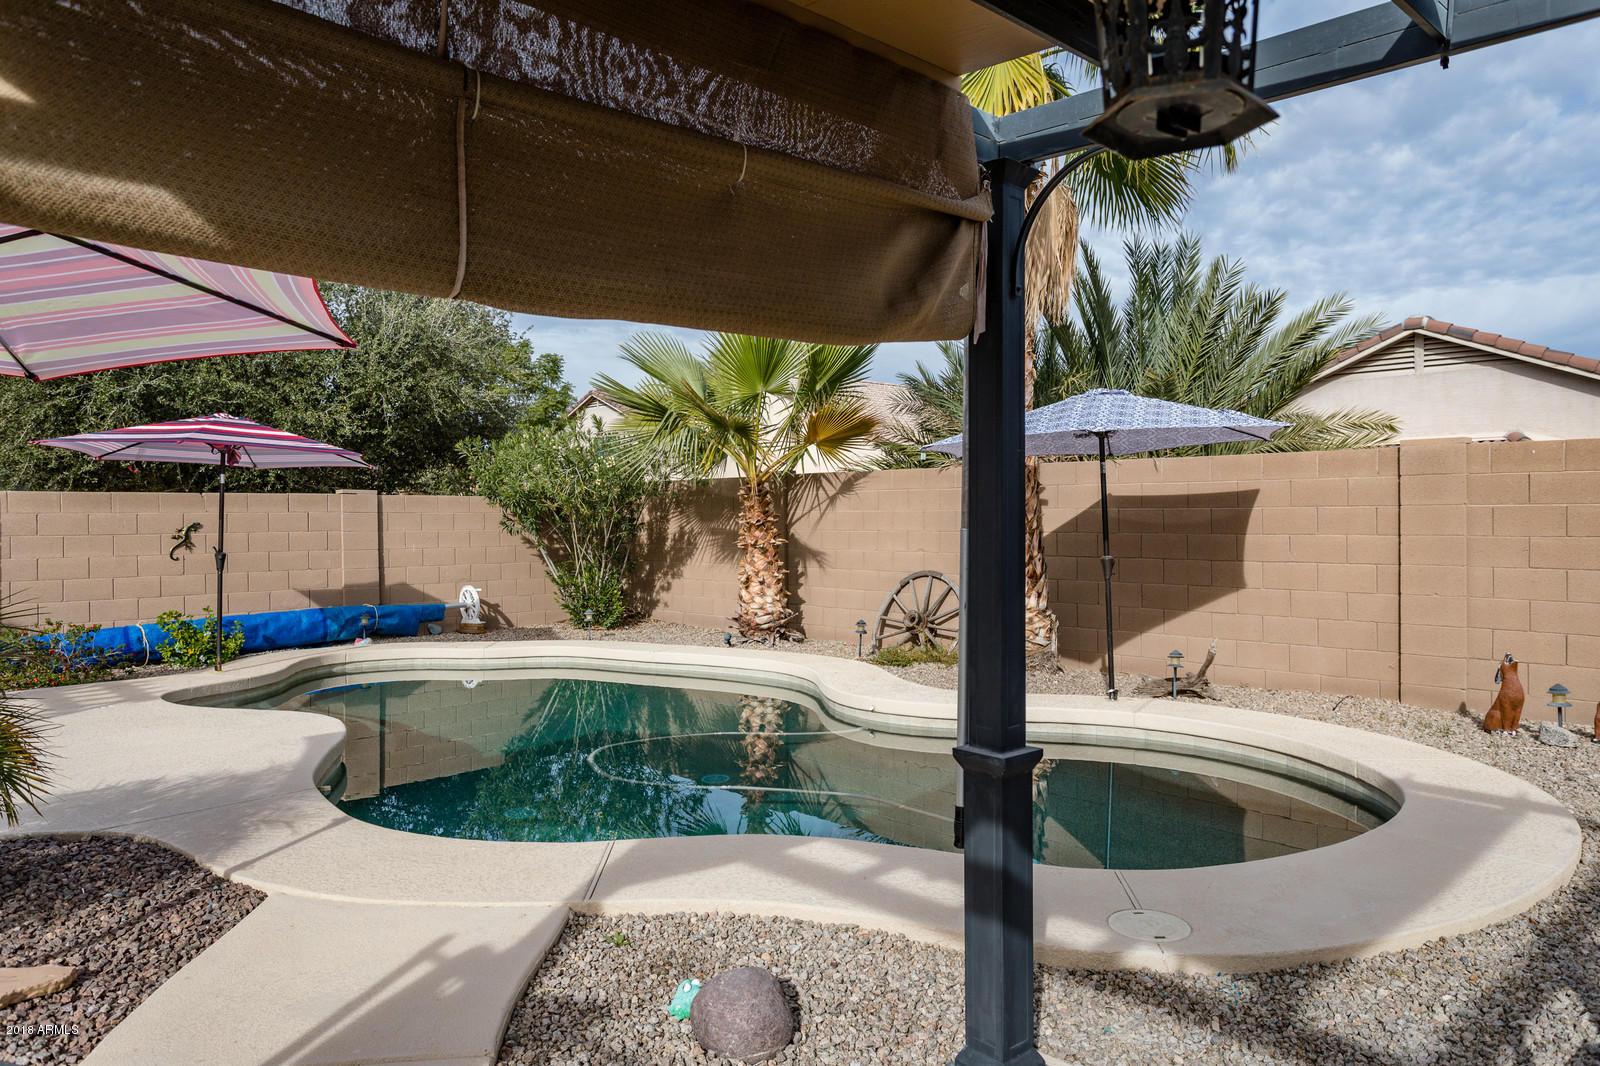 2682 E COWBOY COVE Trail San Tan Valley, AZ 85143 - MLS #: 5851710